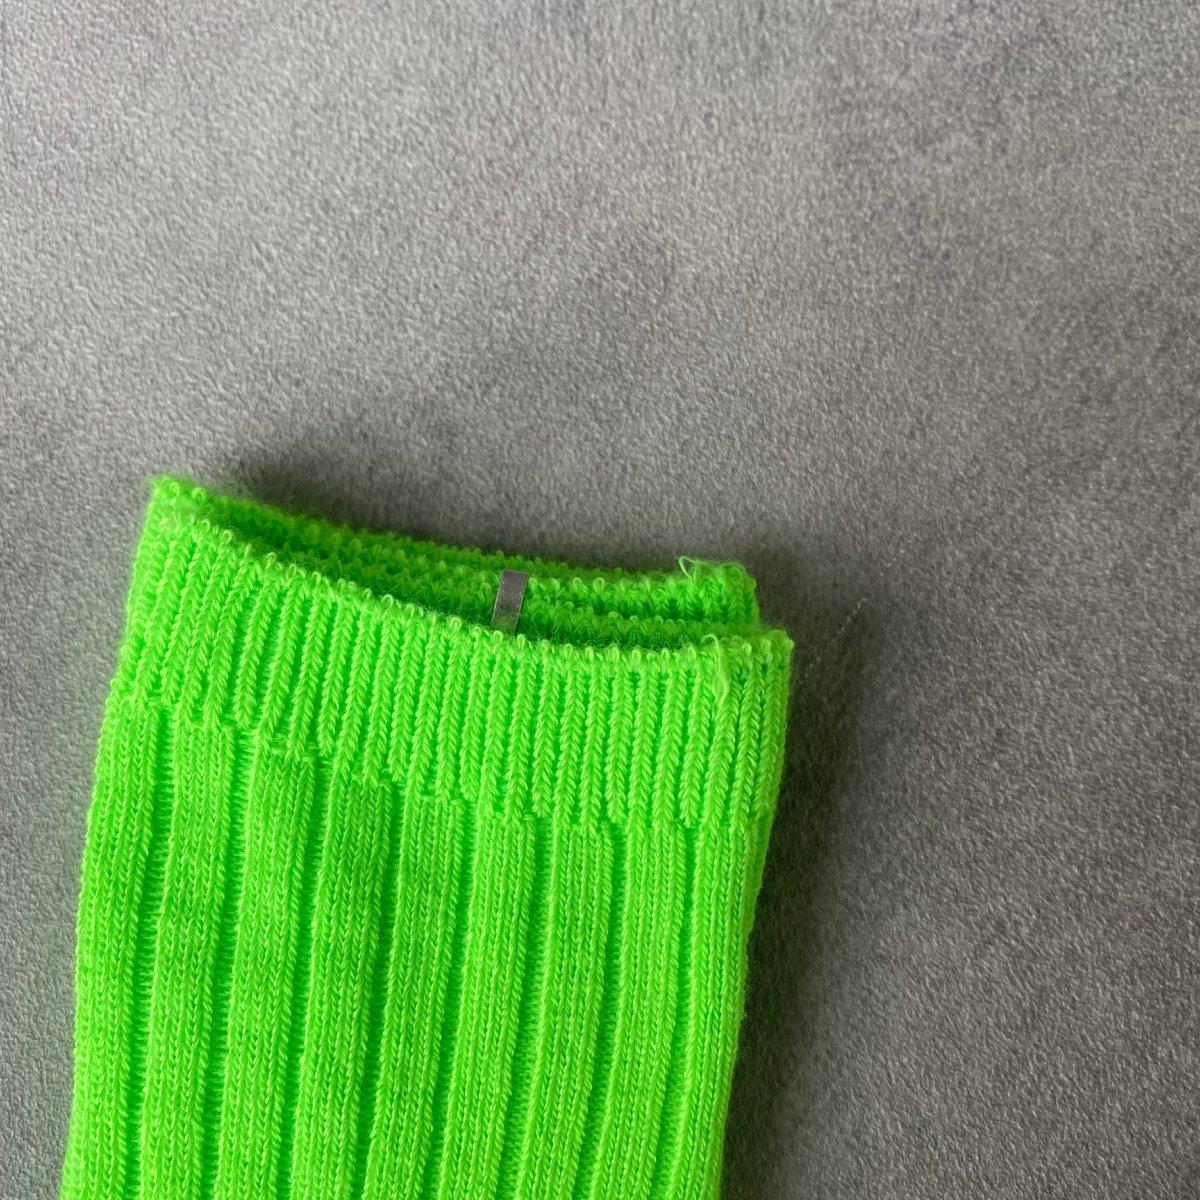 【KIDS】Neon Socks 詳細画像6